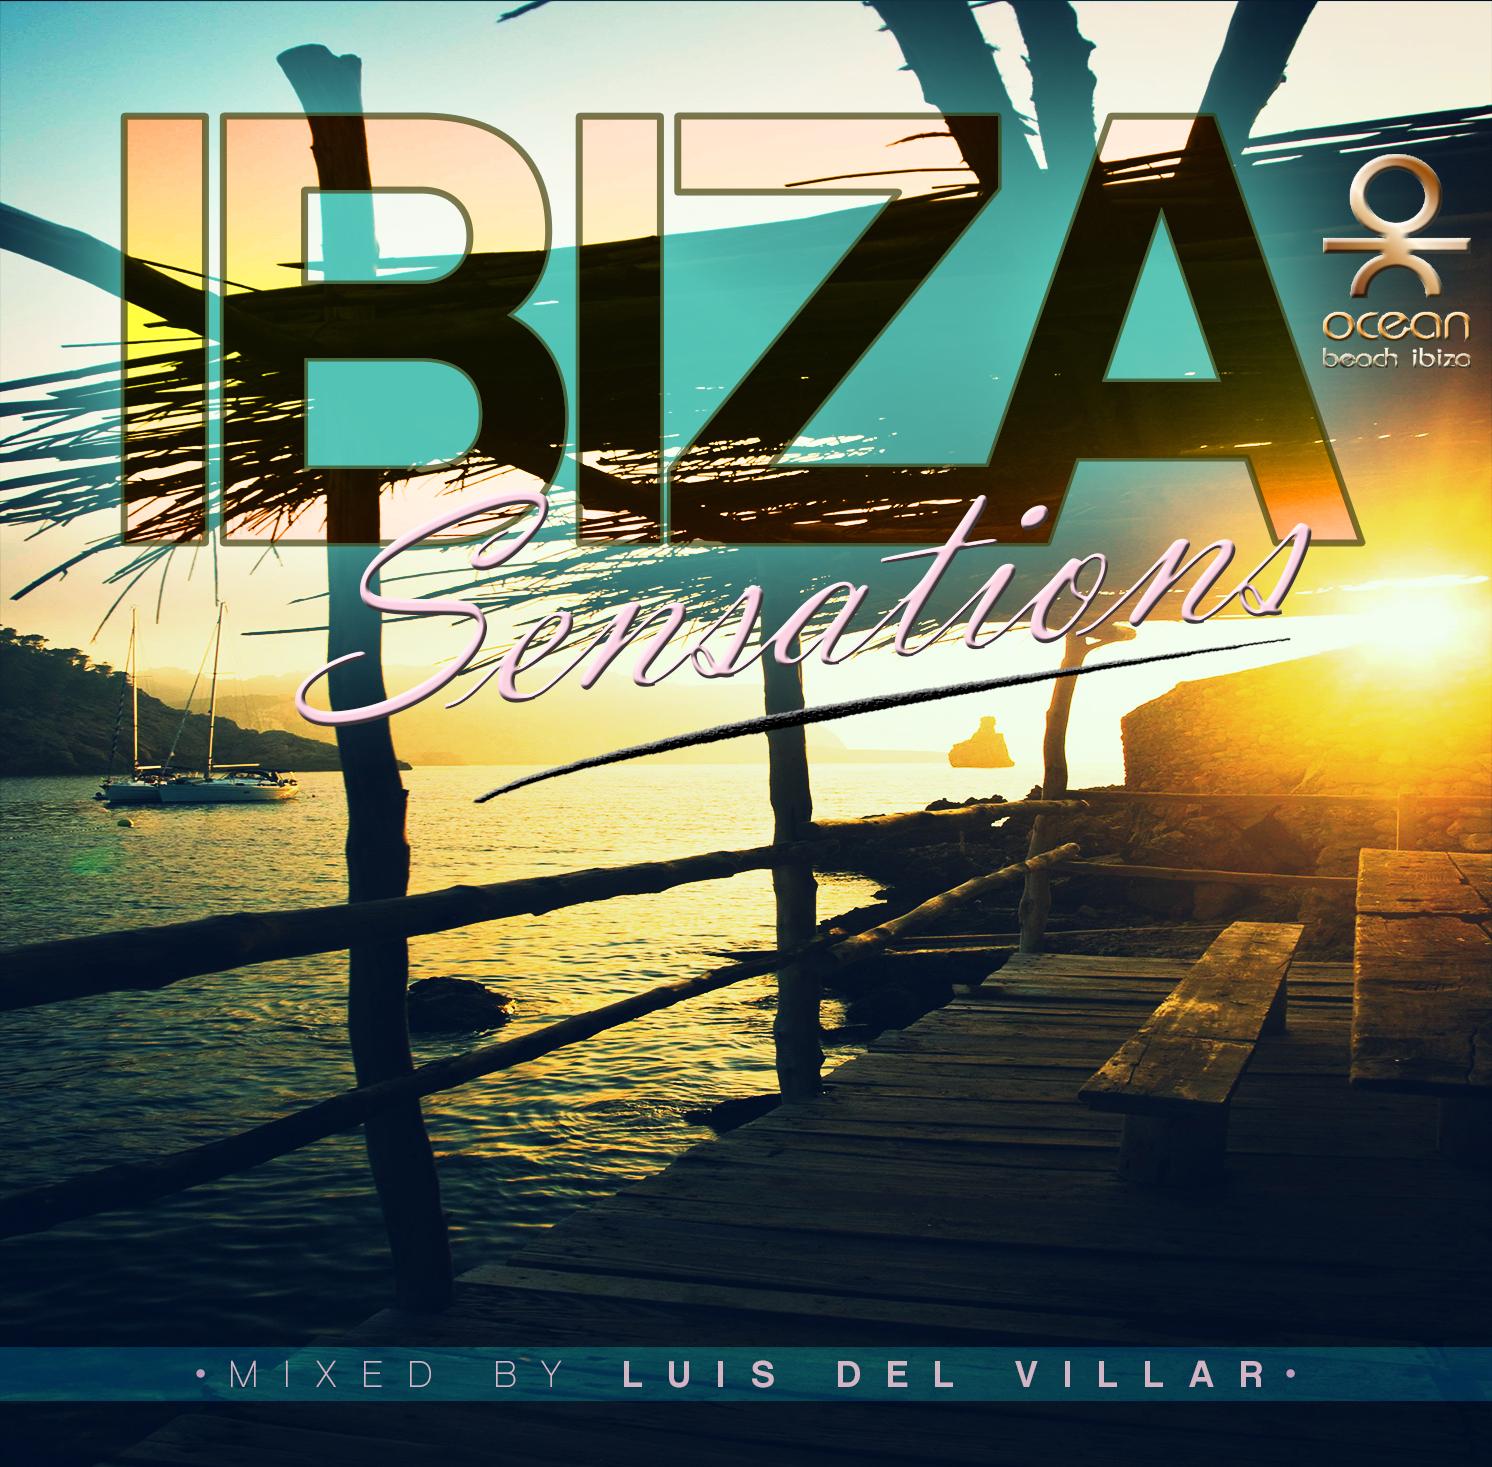 Artwork for Ibiza Sensations 119 Ibiza Pride @Chiringay, Es Cavallet - Ibiza